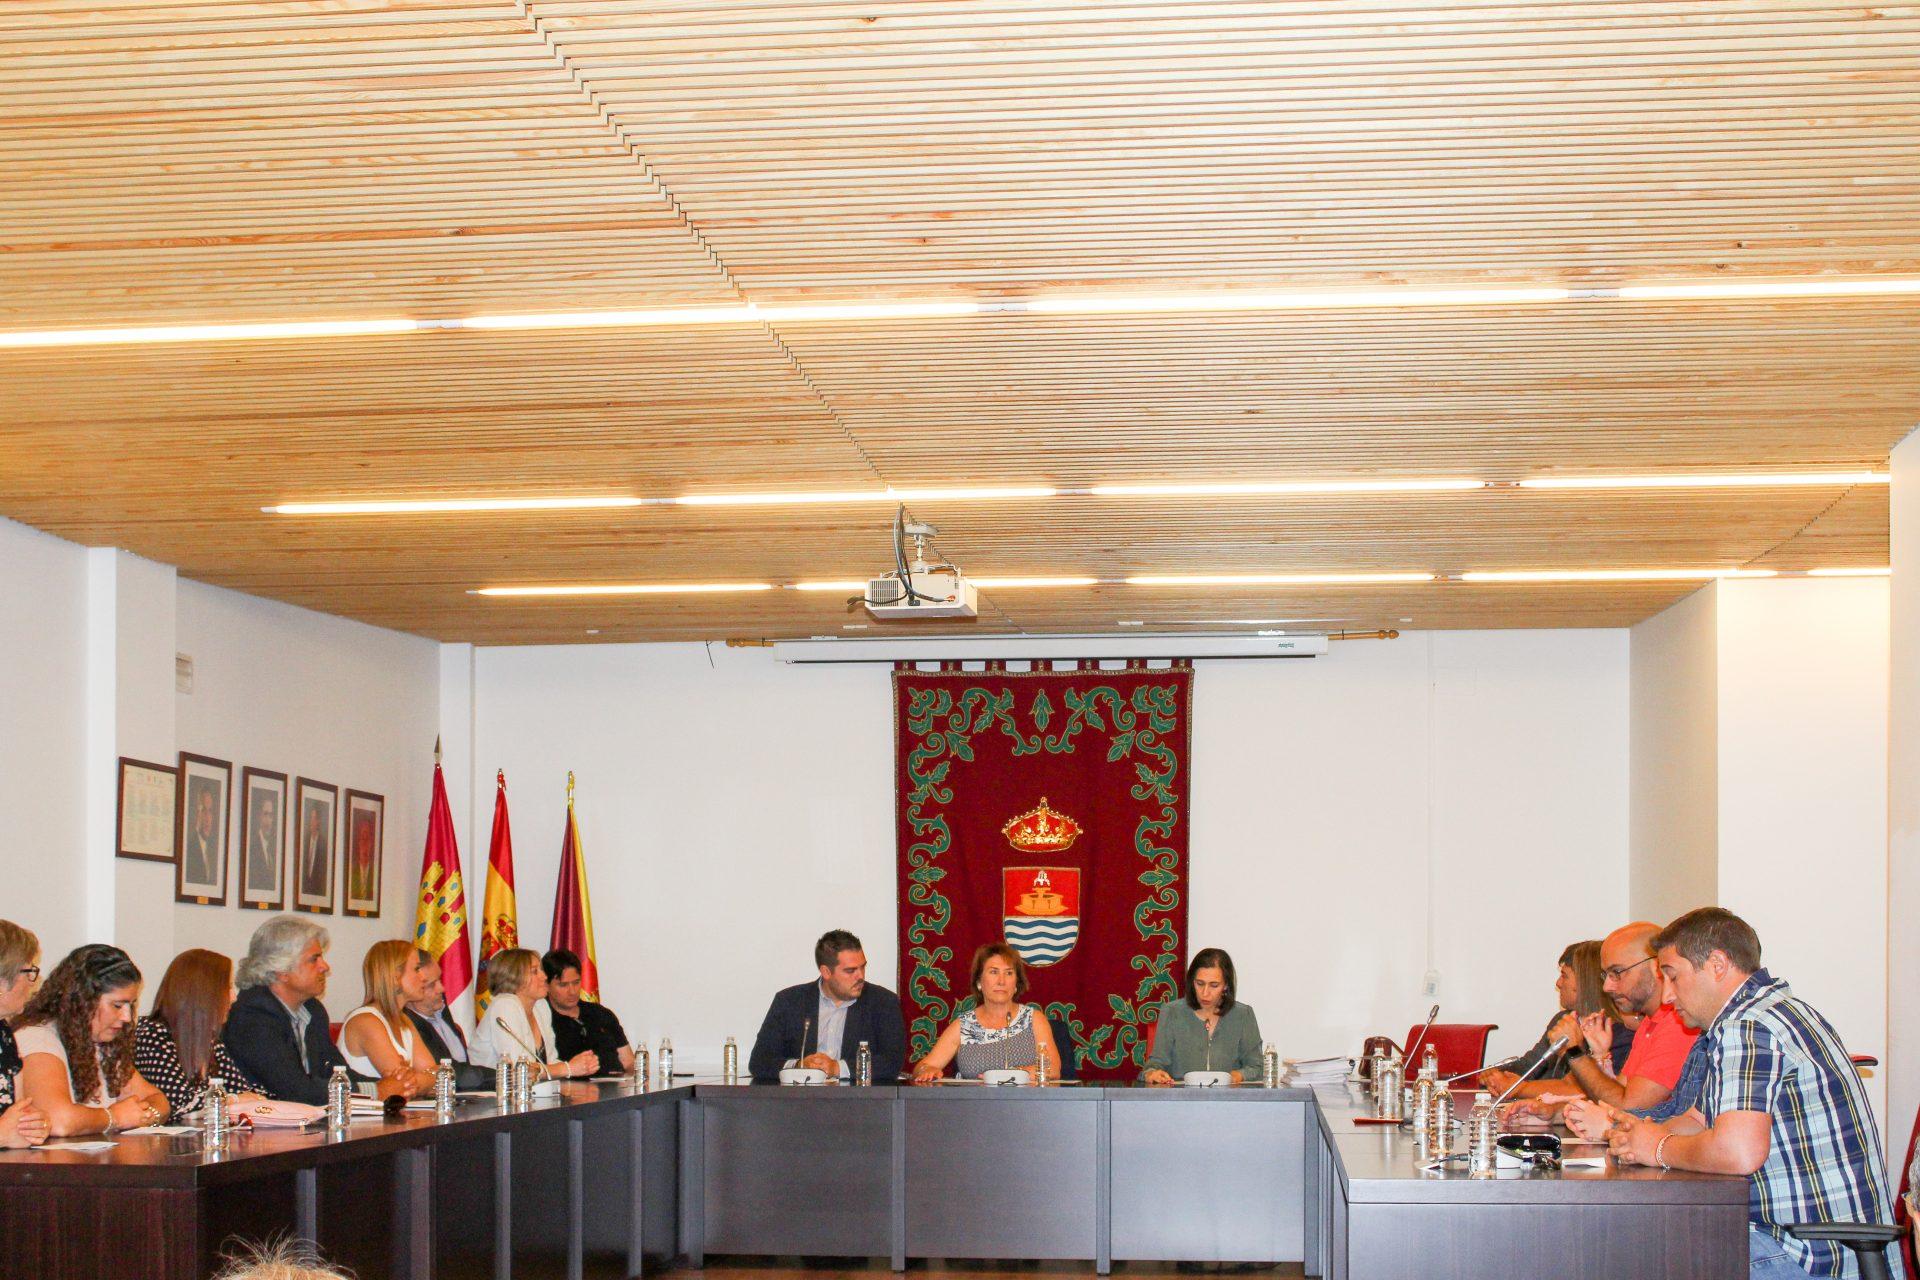 Ayer, miércoles 30 de octubre, el Pleno del Ayuntamiento de Bargas aprobó una rebaja social y medioambiental de los impuestos municipales para 2020